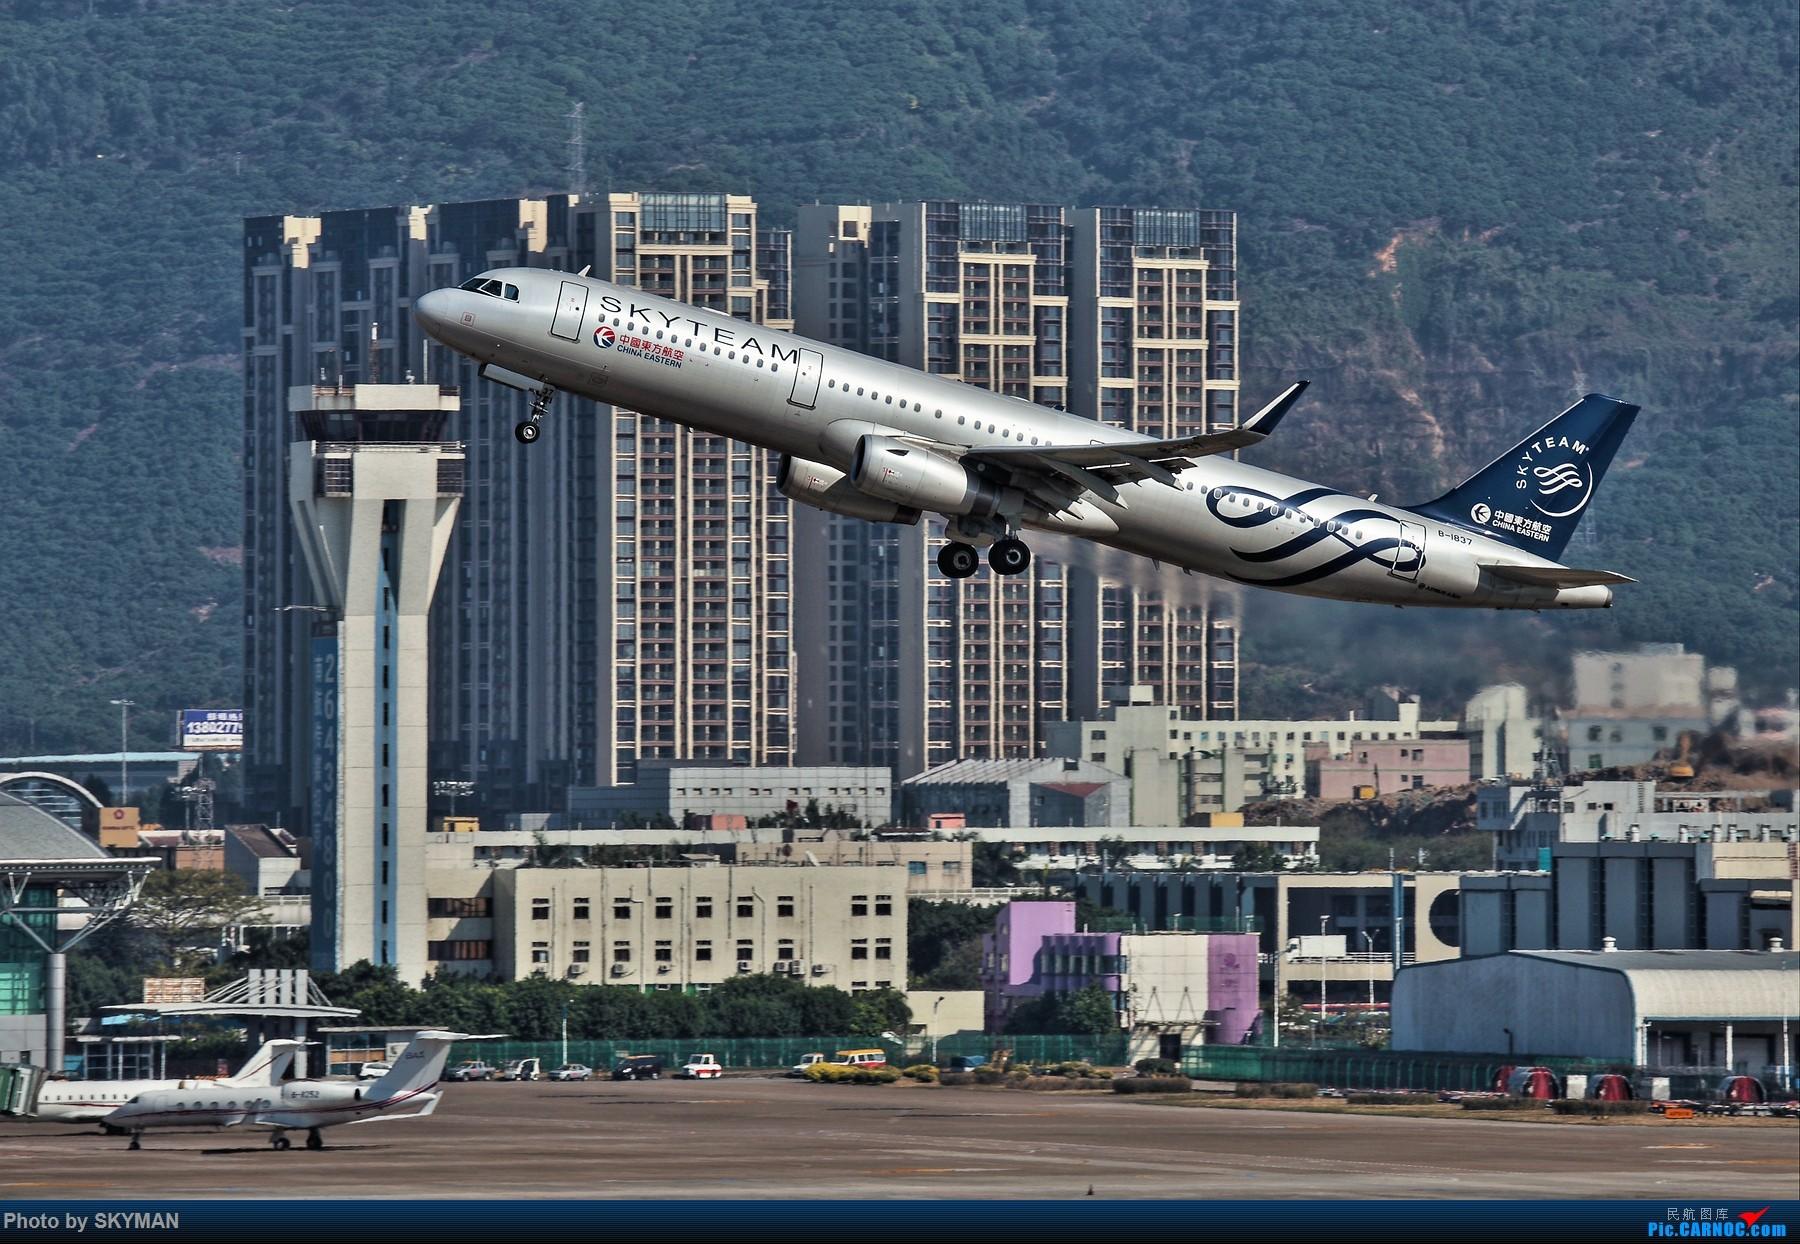 [原创]BLDDQ--某位爷说了 别老是拿几百块的破相机来糊弄 确实机器老了图不够瓷实 得!换感动牌! AIRBUS A321-200 B-1837 中国深圳宝安国际机场